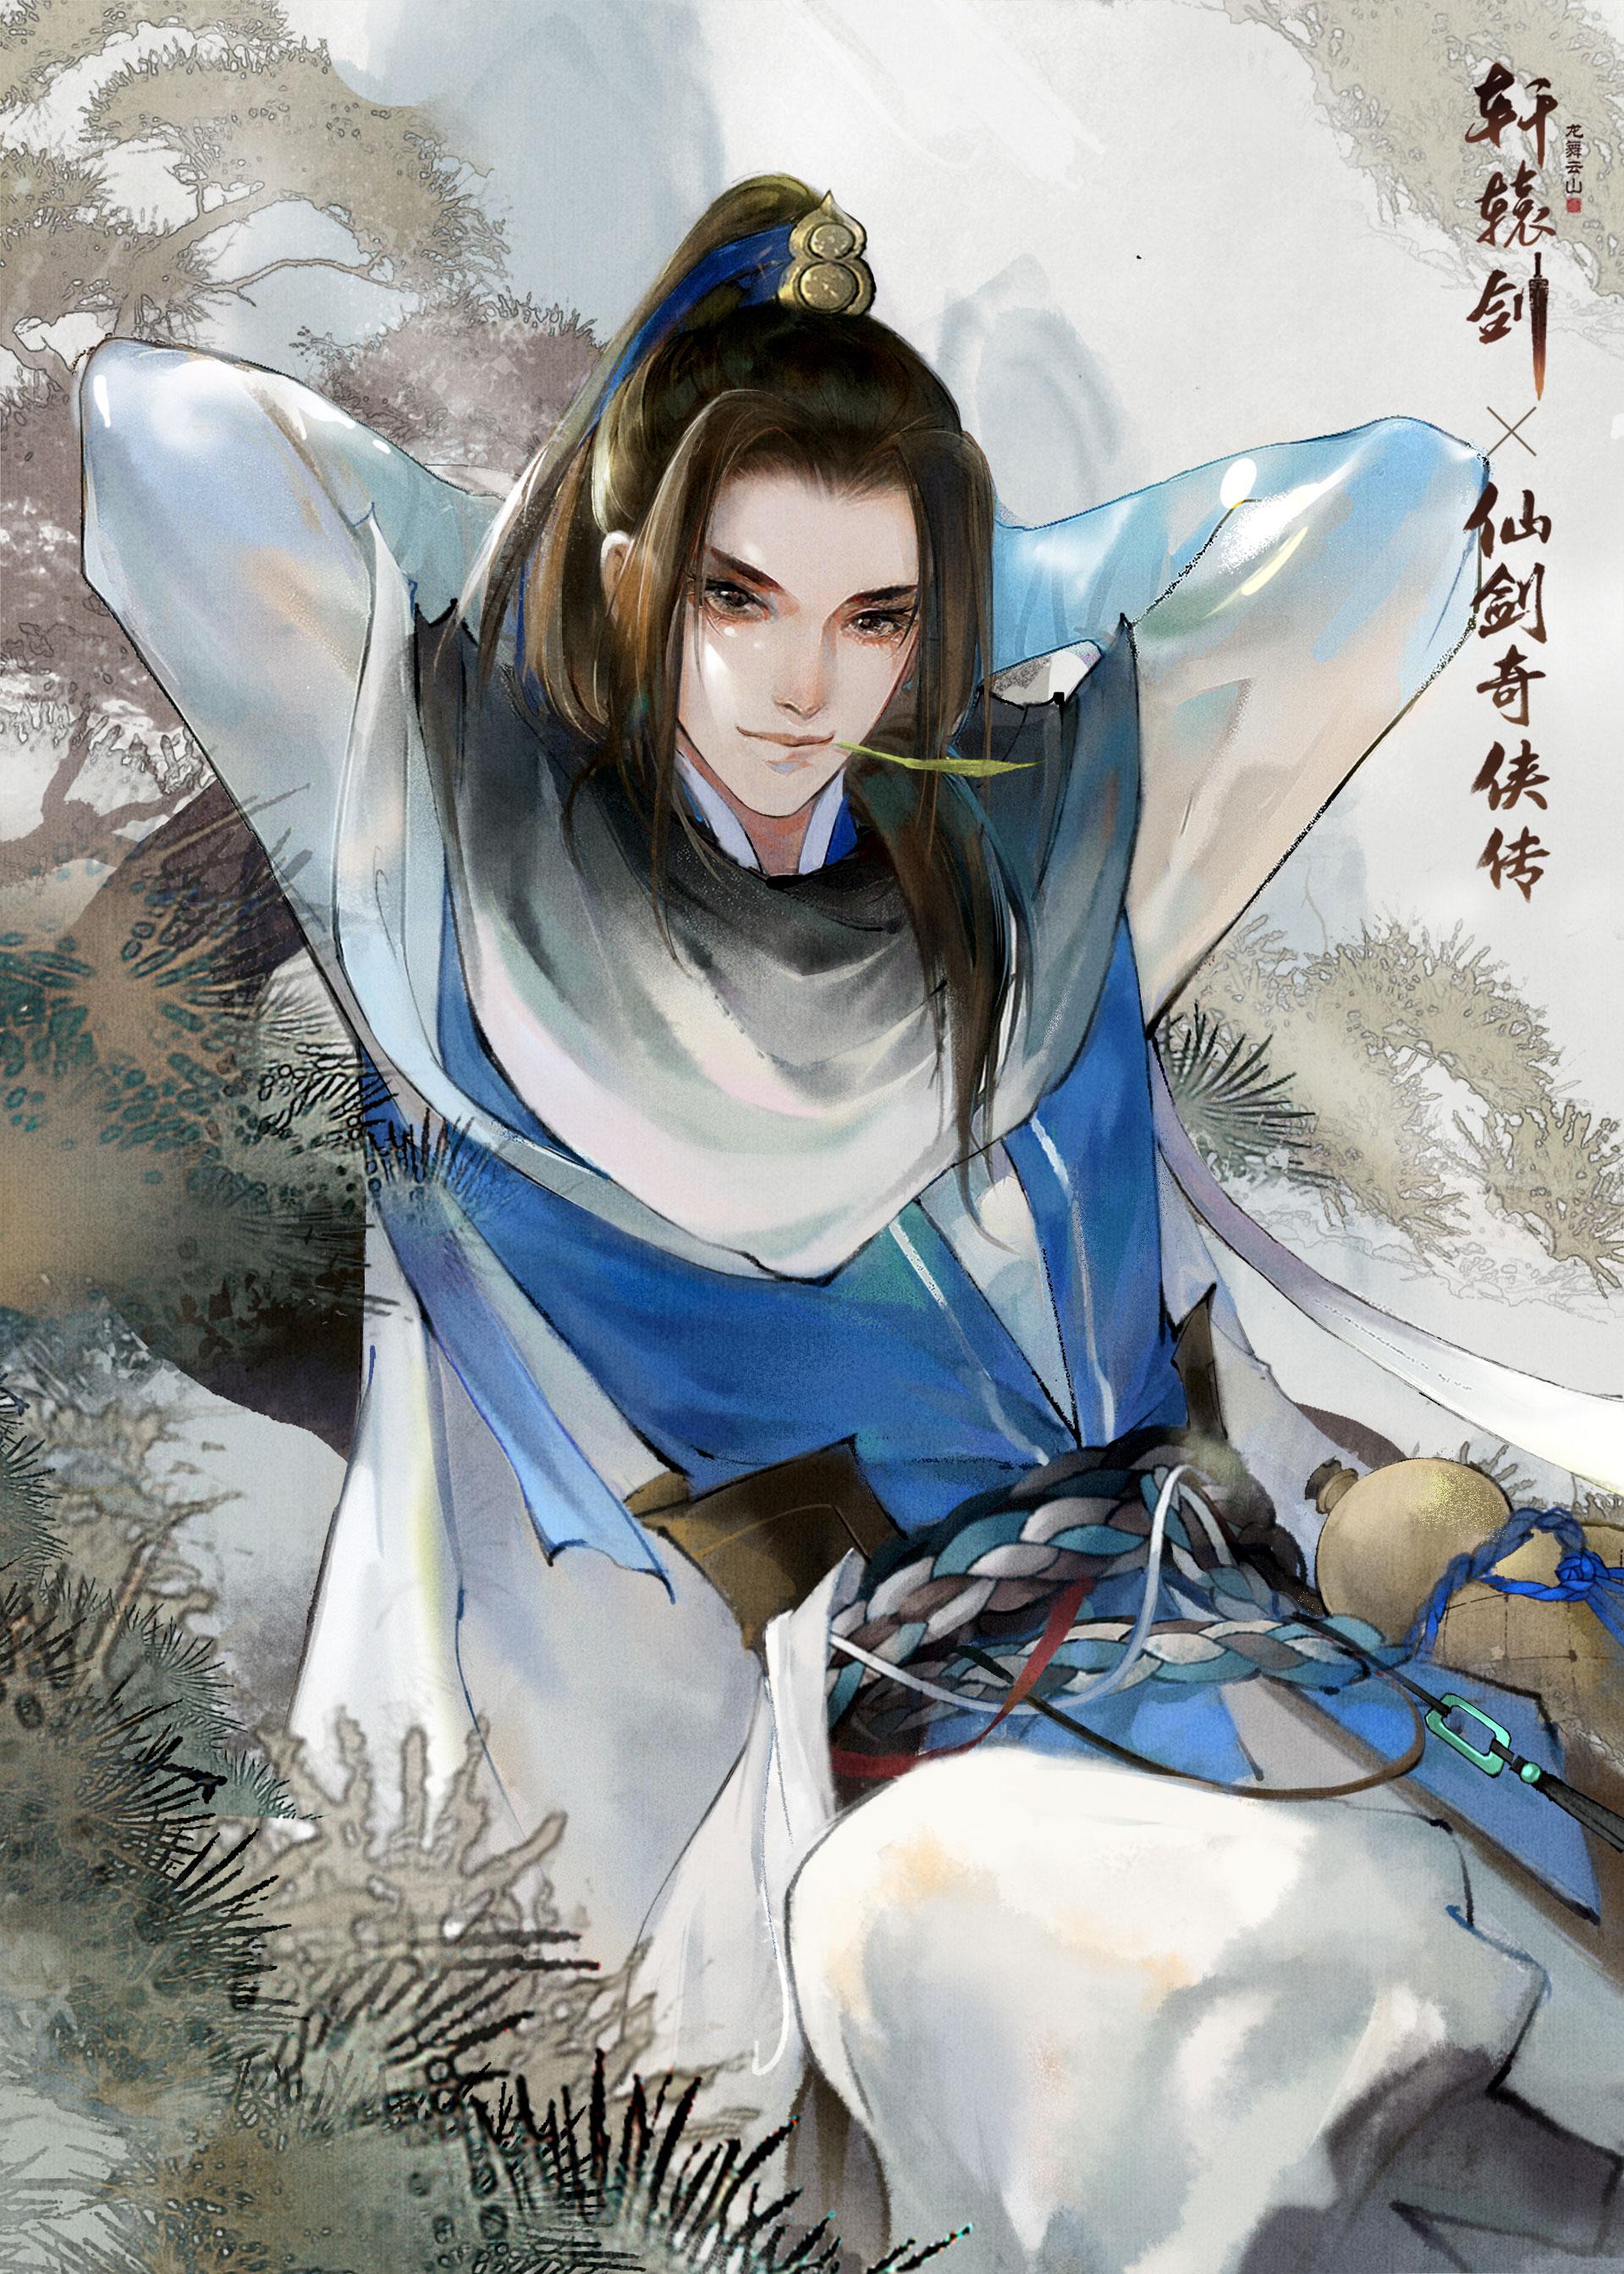 情动双剑,《轩辕剑龙舞云山》X《仙剑奇侠传一》联动重磅更新